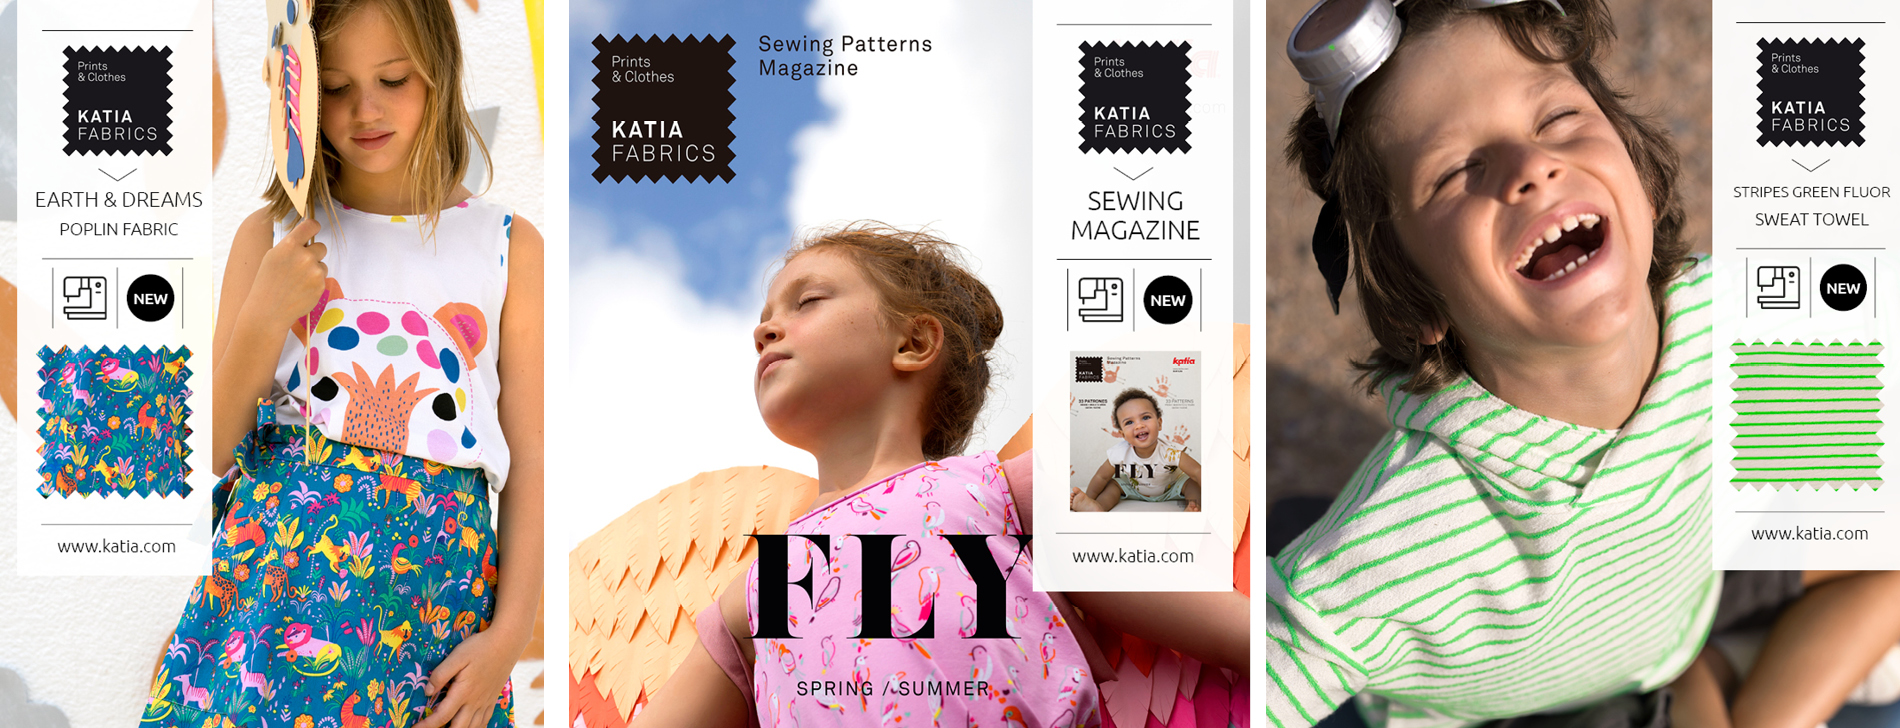 revista de patrones de costura